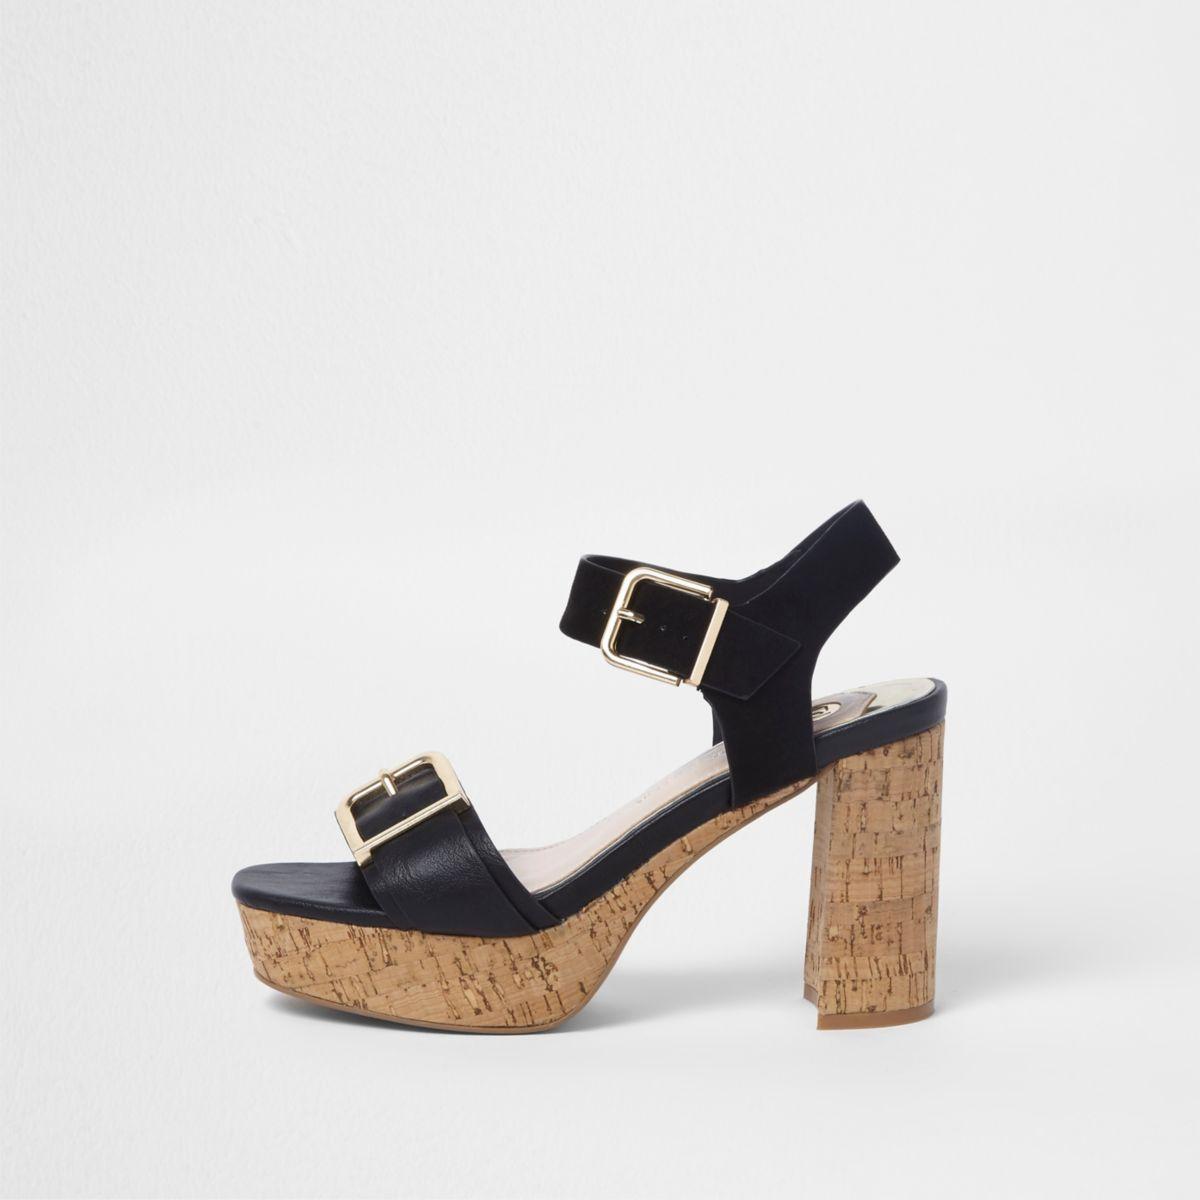 Zwarte sandalen met twee gespen, bandjes en kurkhak